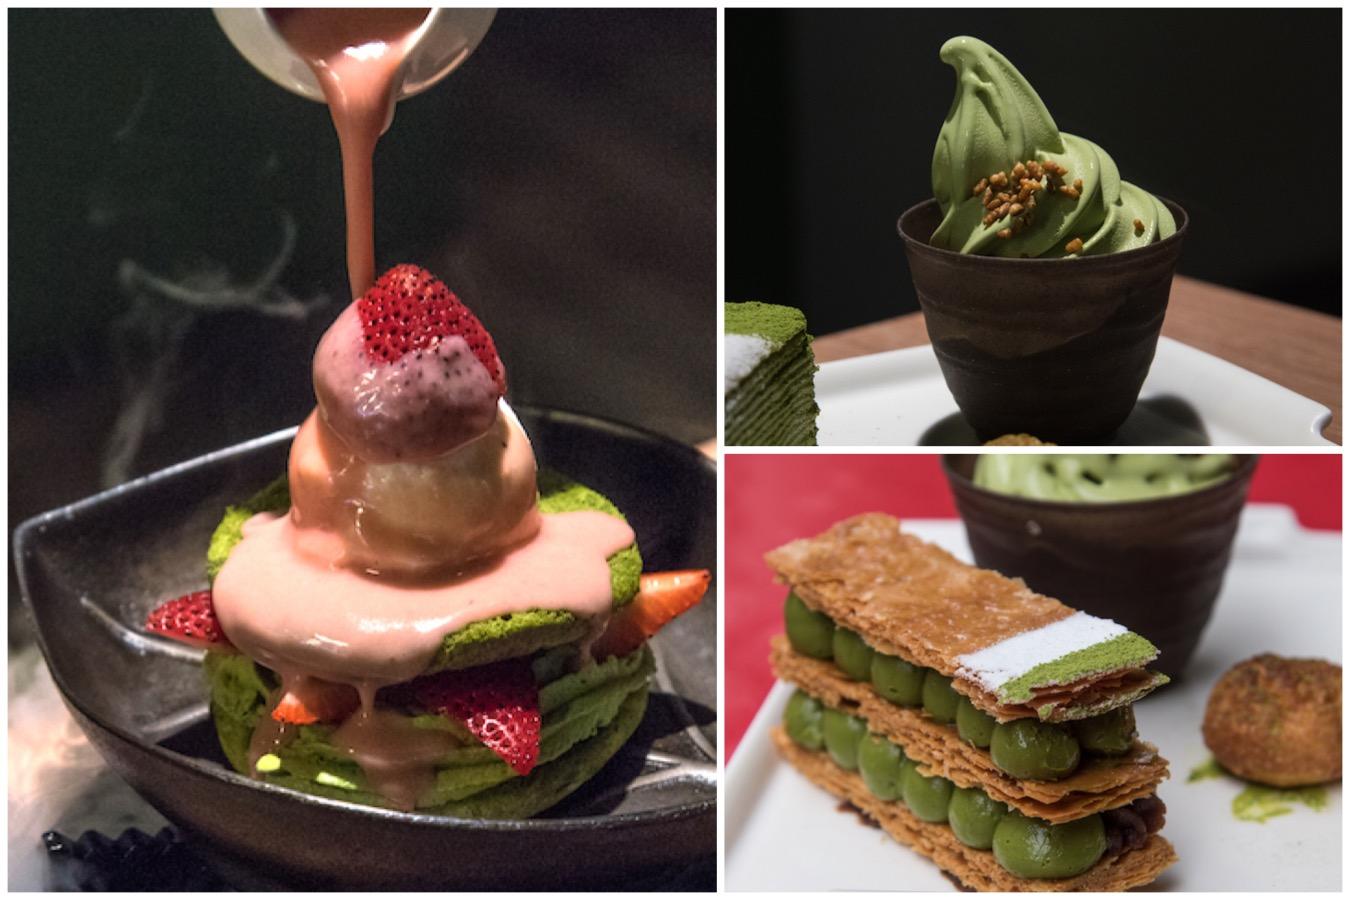 Myowa Japanese Sweet Cafe 和茗甘味處 - Matcha Paradise in Taipei. From Tiramisu, Softserve to Sizzling Hot Plate